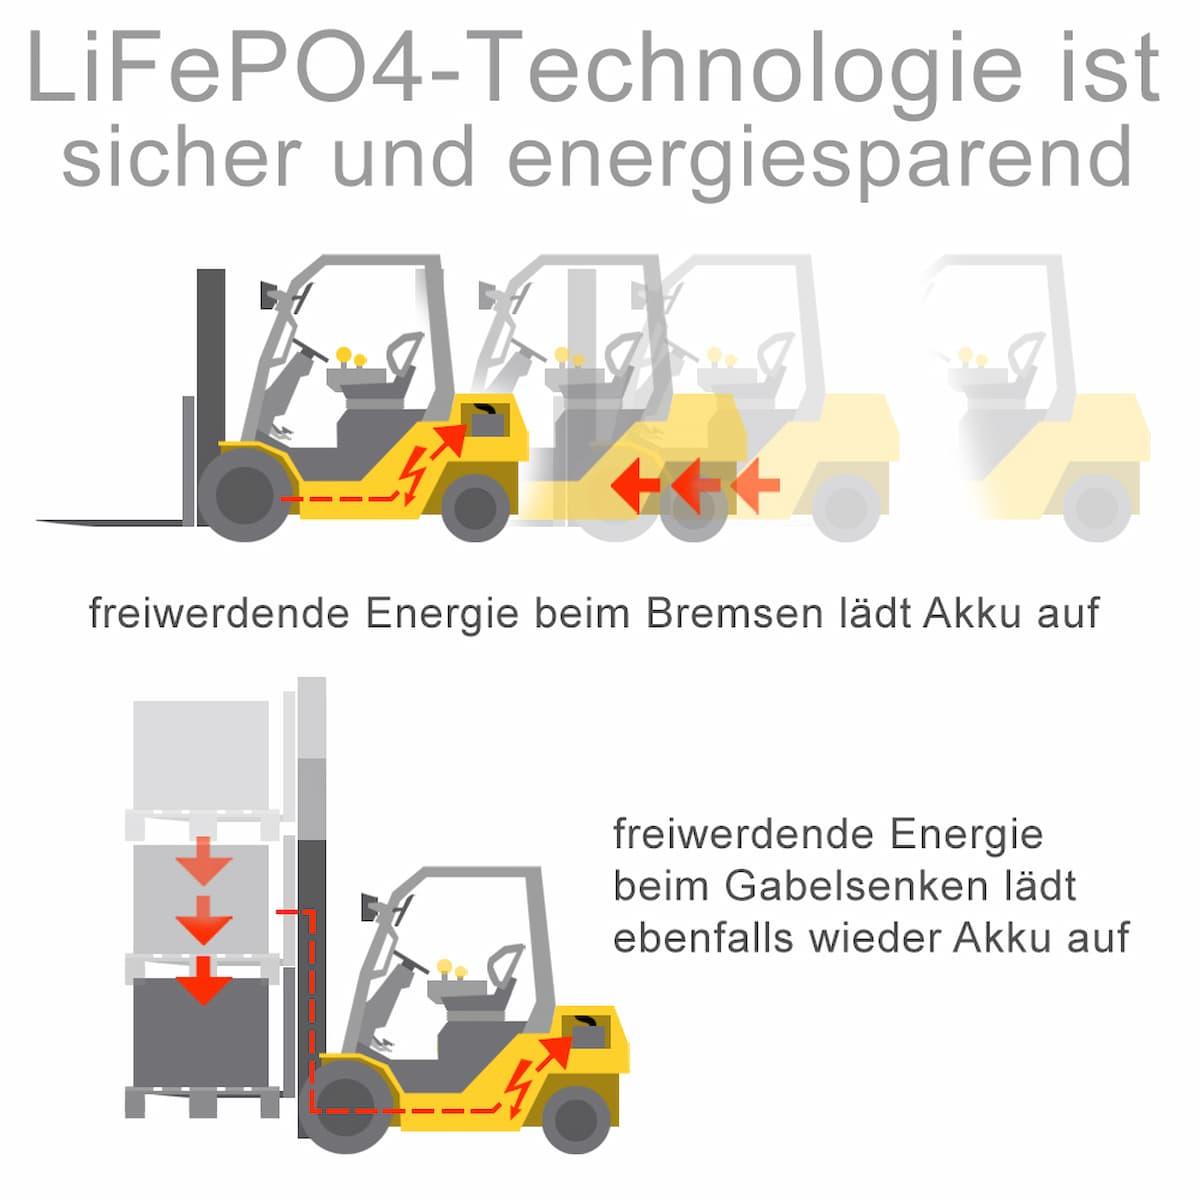 Lithium-Eisenphosphat-Batterien sind sicher und energiesparend